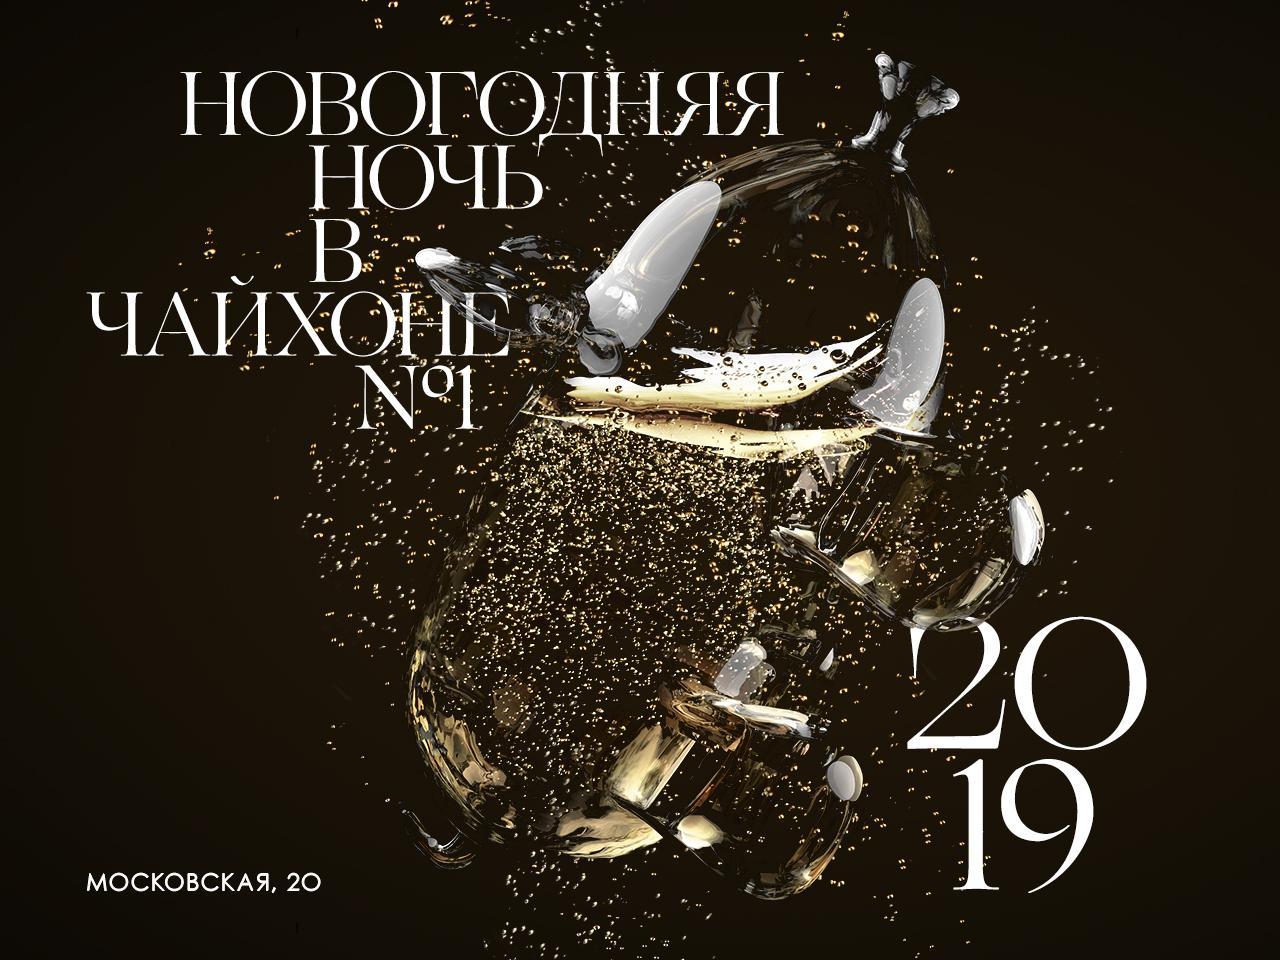 Новогодняя Ночь в Чайхоне №1 - волшебное событие! (Казань)